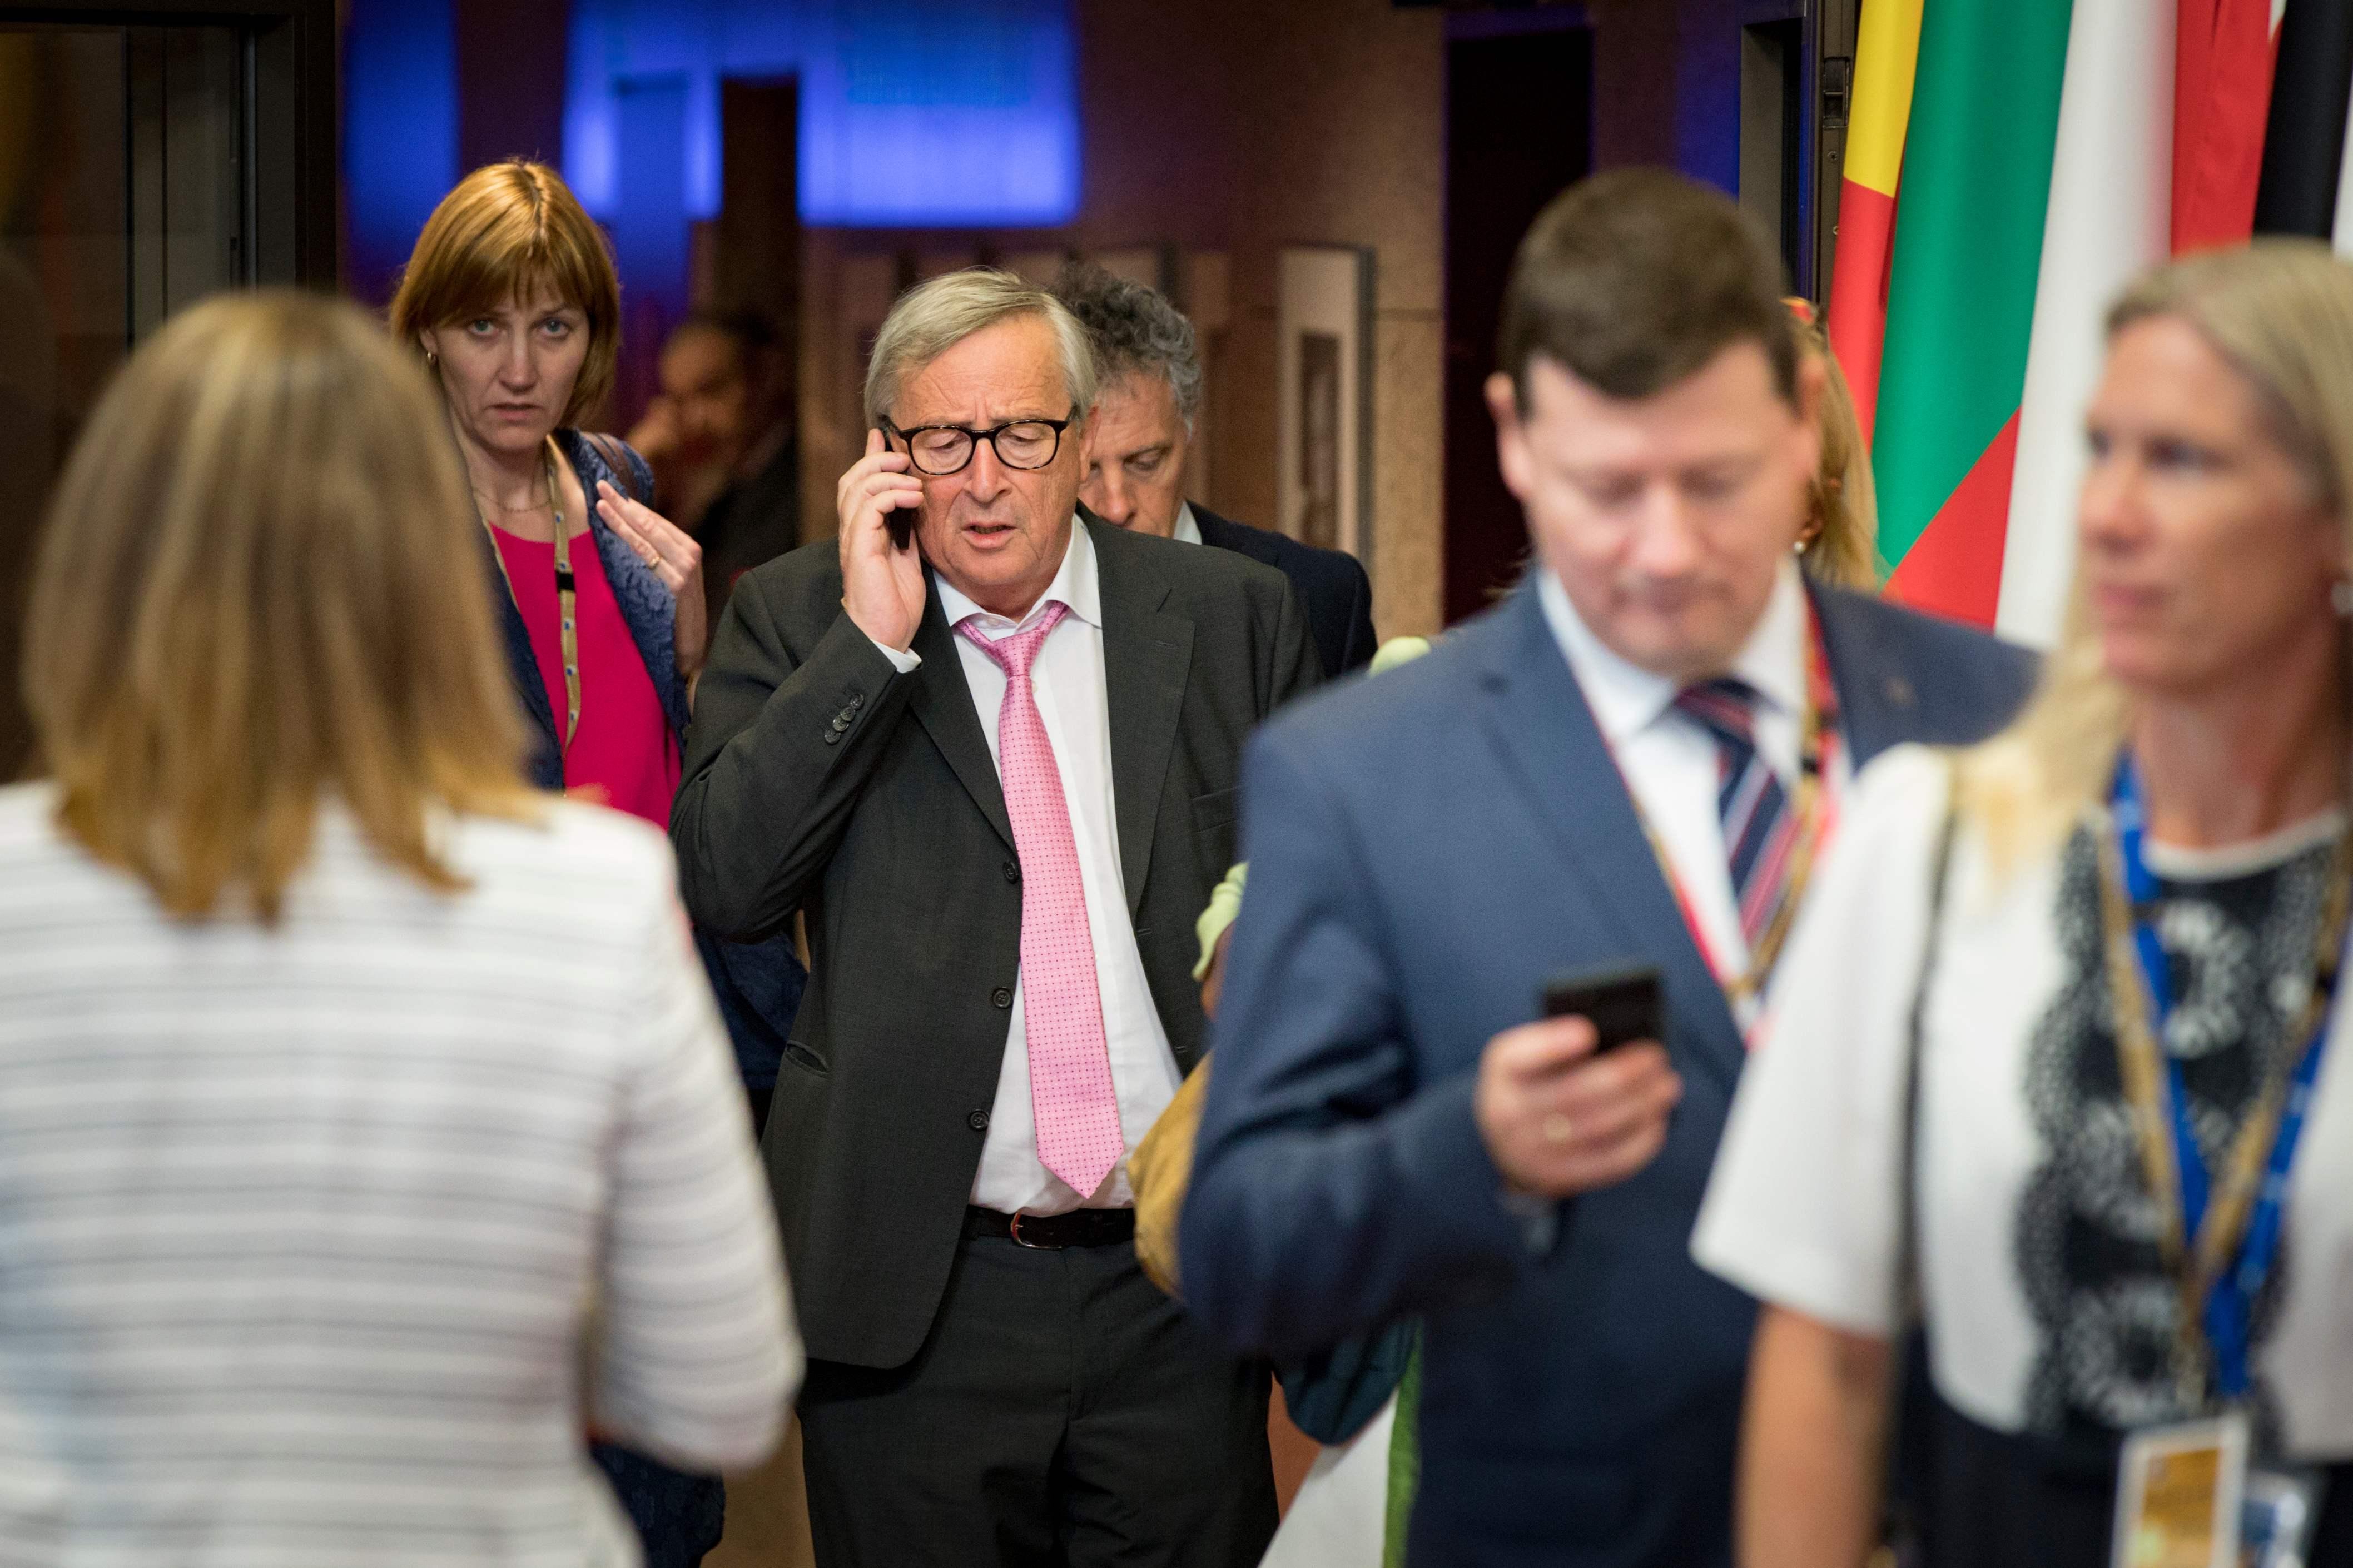 El choque en la UE bloquea la elección de los altos cargos